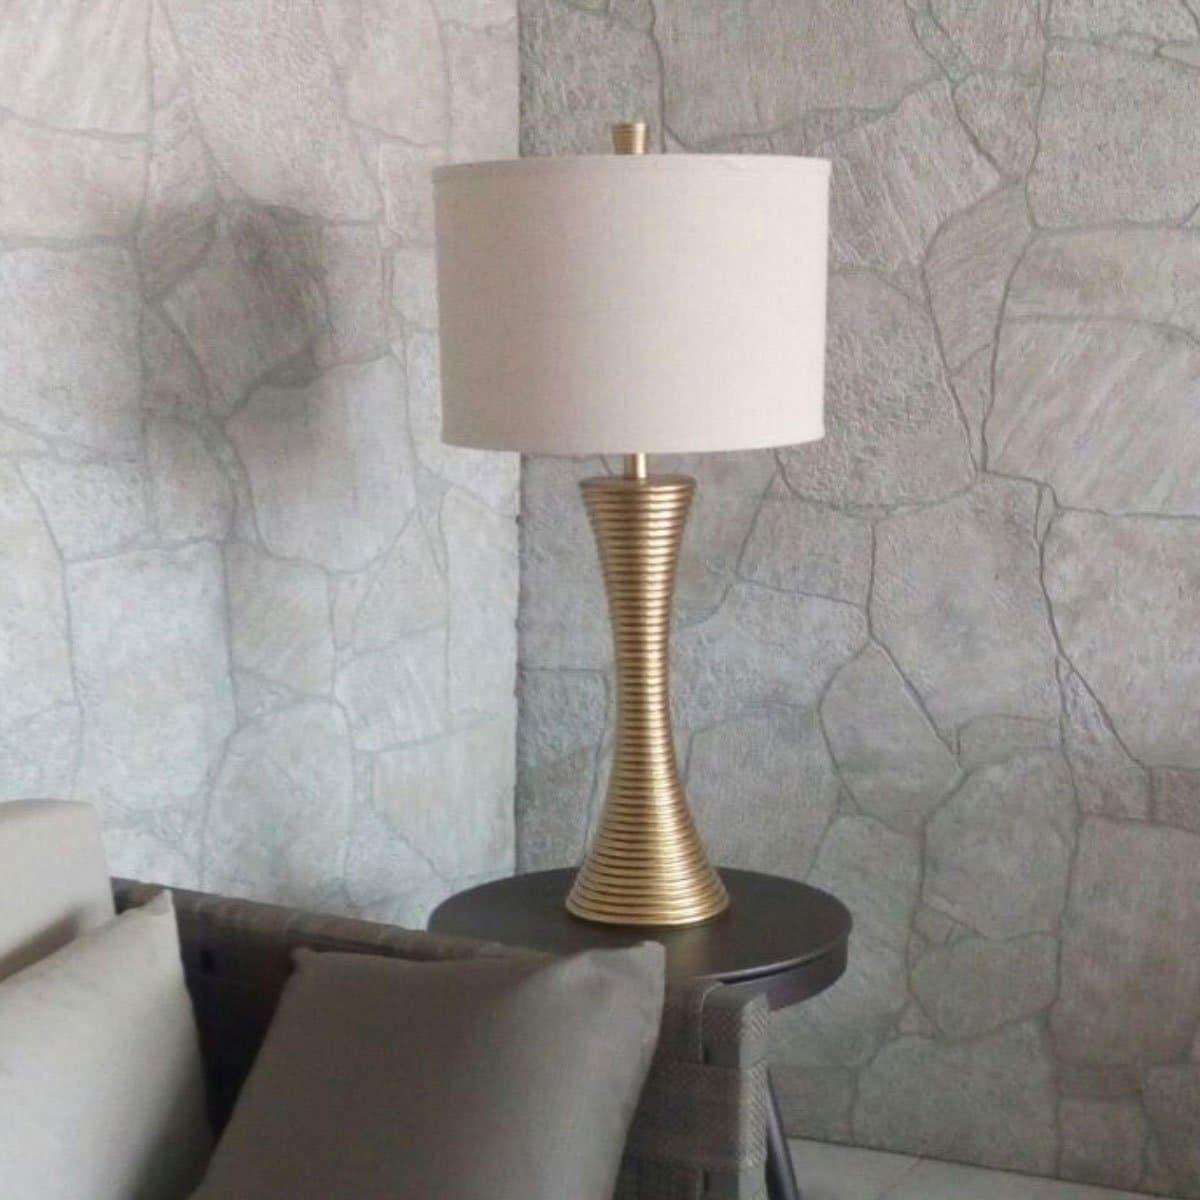 Lámpara Mesa (Alt.79Cm.) 11901 / Vidrio / Estilo Moderno Inter Royal